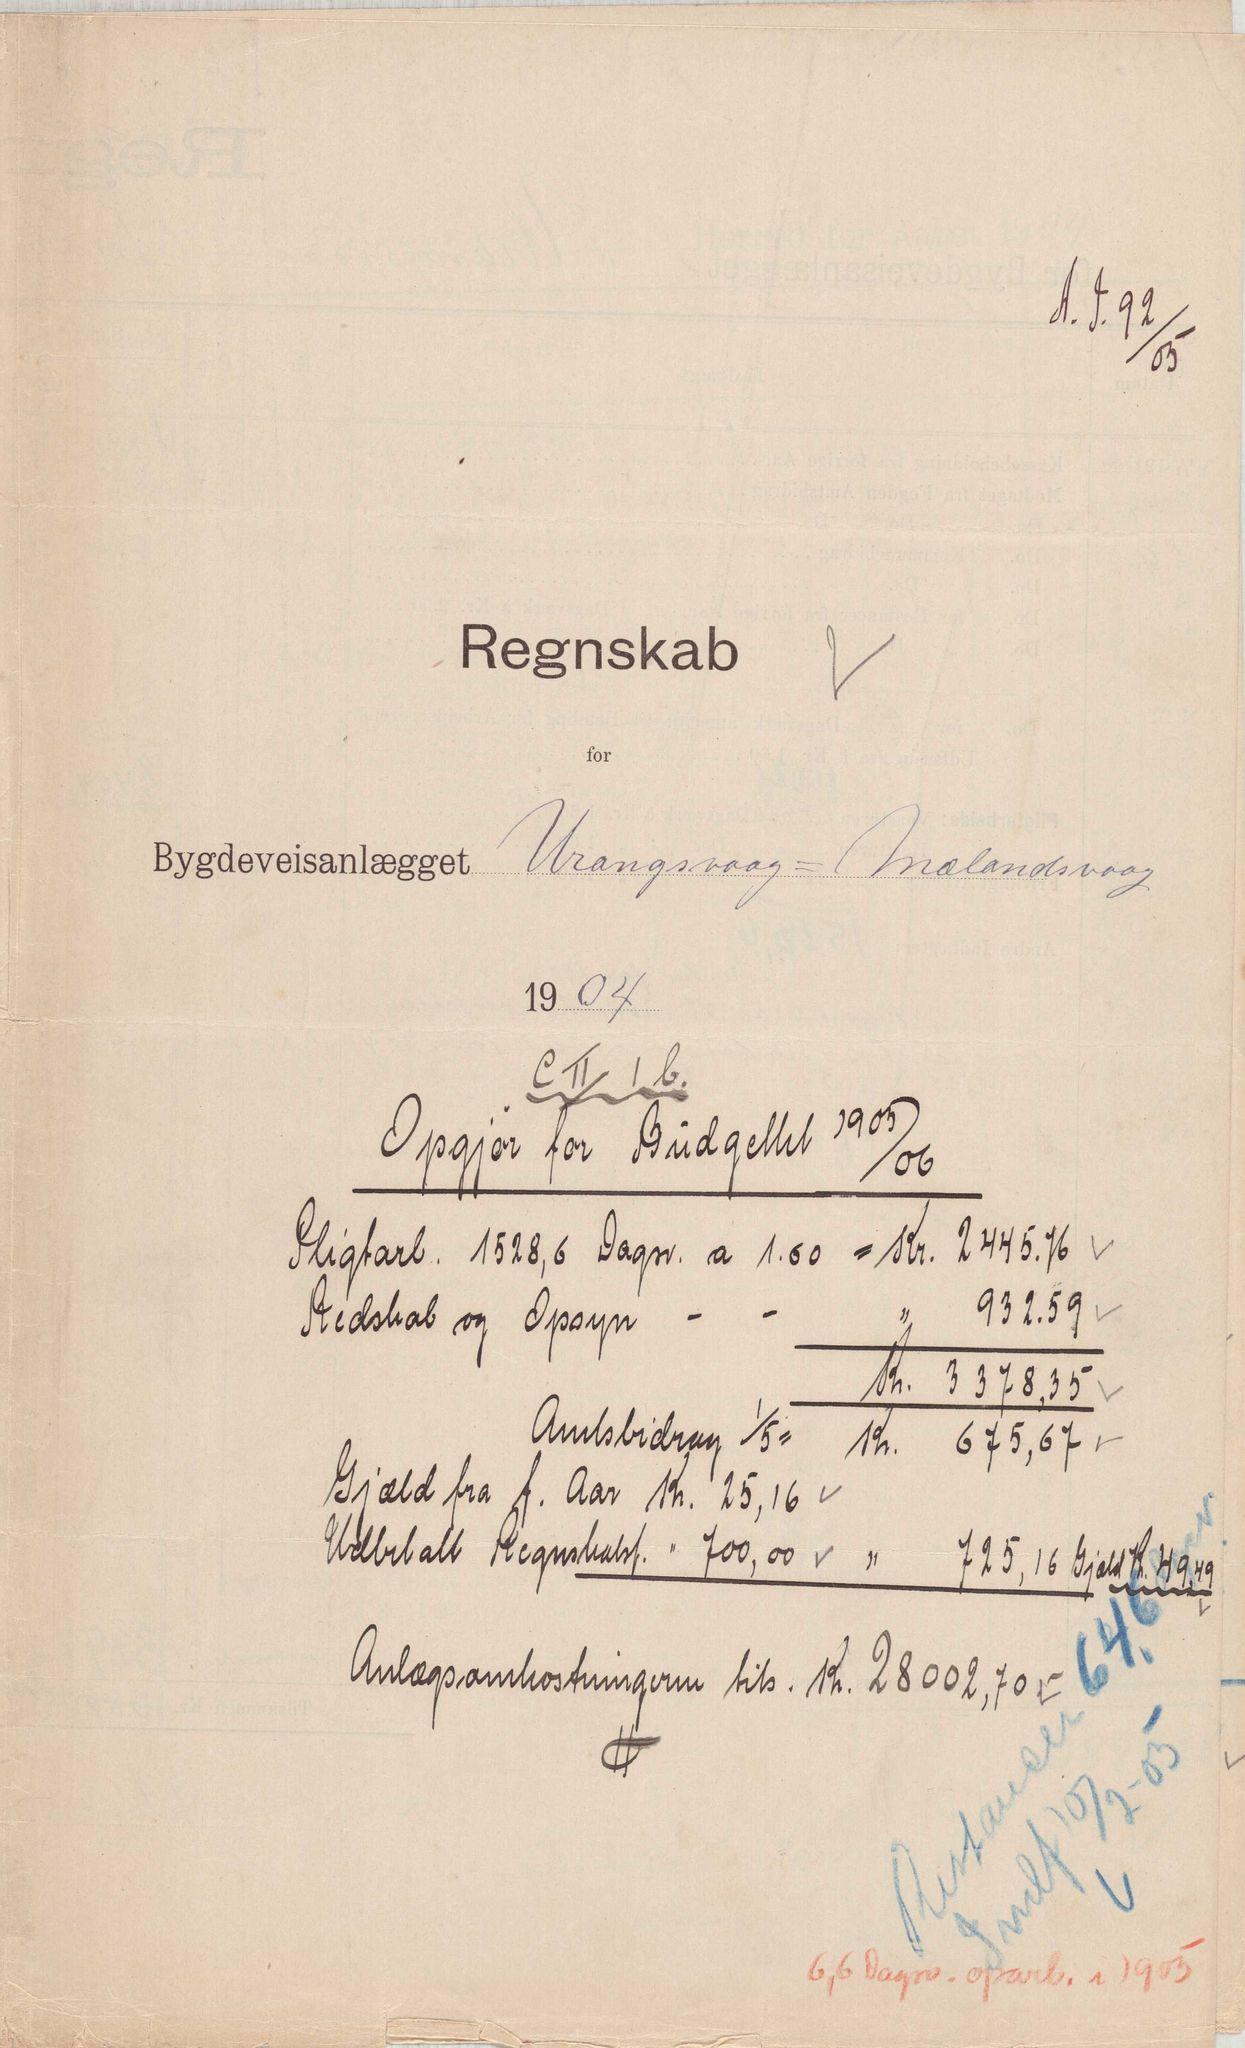 IKAH, Finnaas kommune. Formannskapet, E/Ea/L0002: Rekneskap for veganlegg, 1904-1905, s. 7